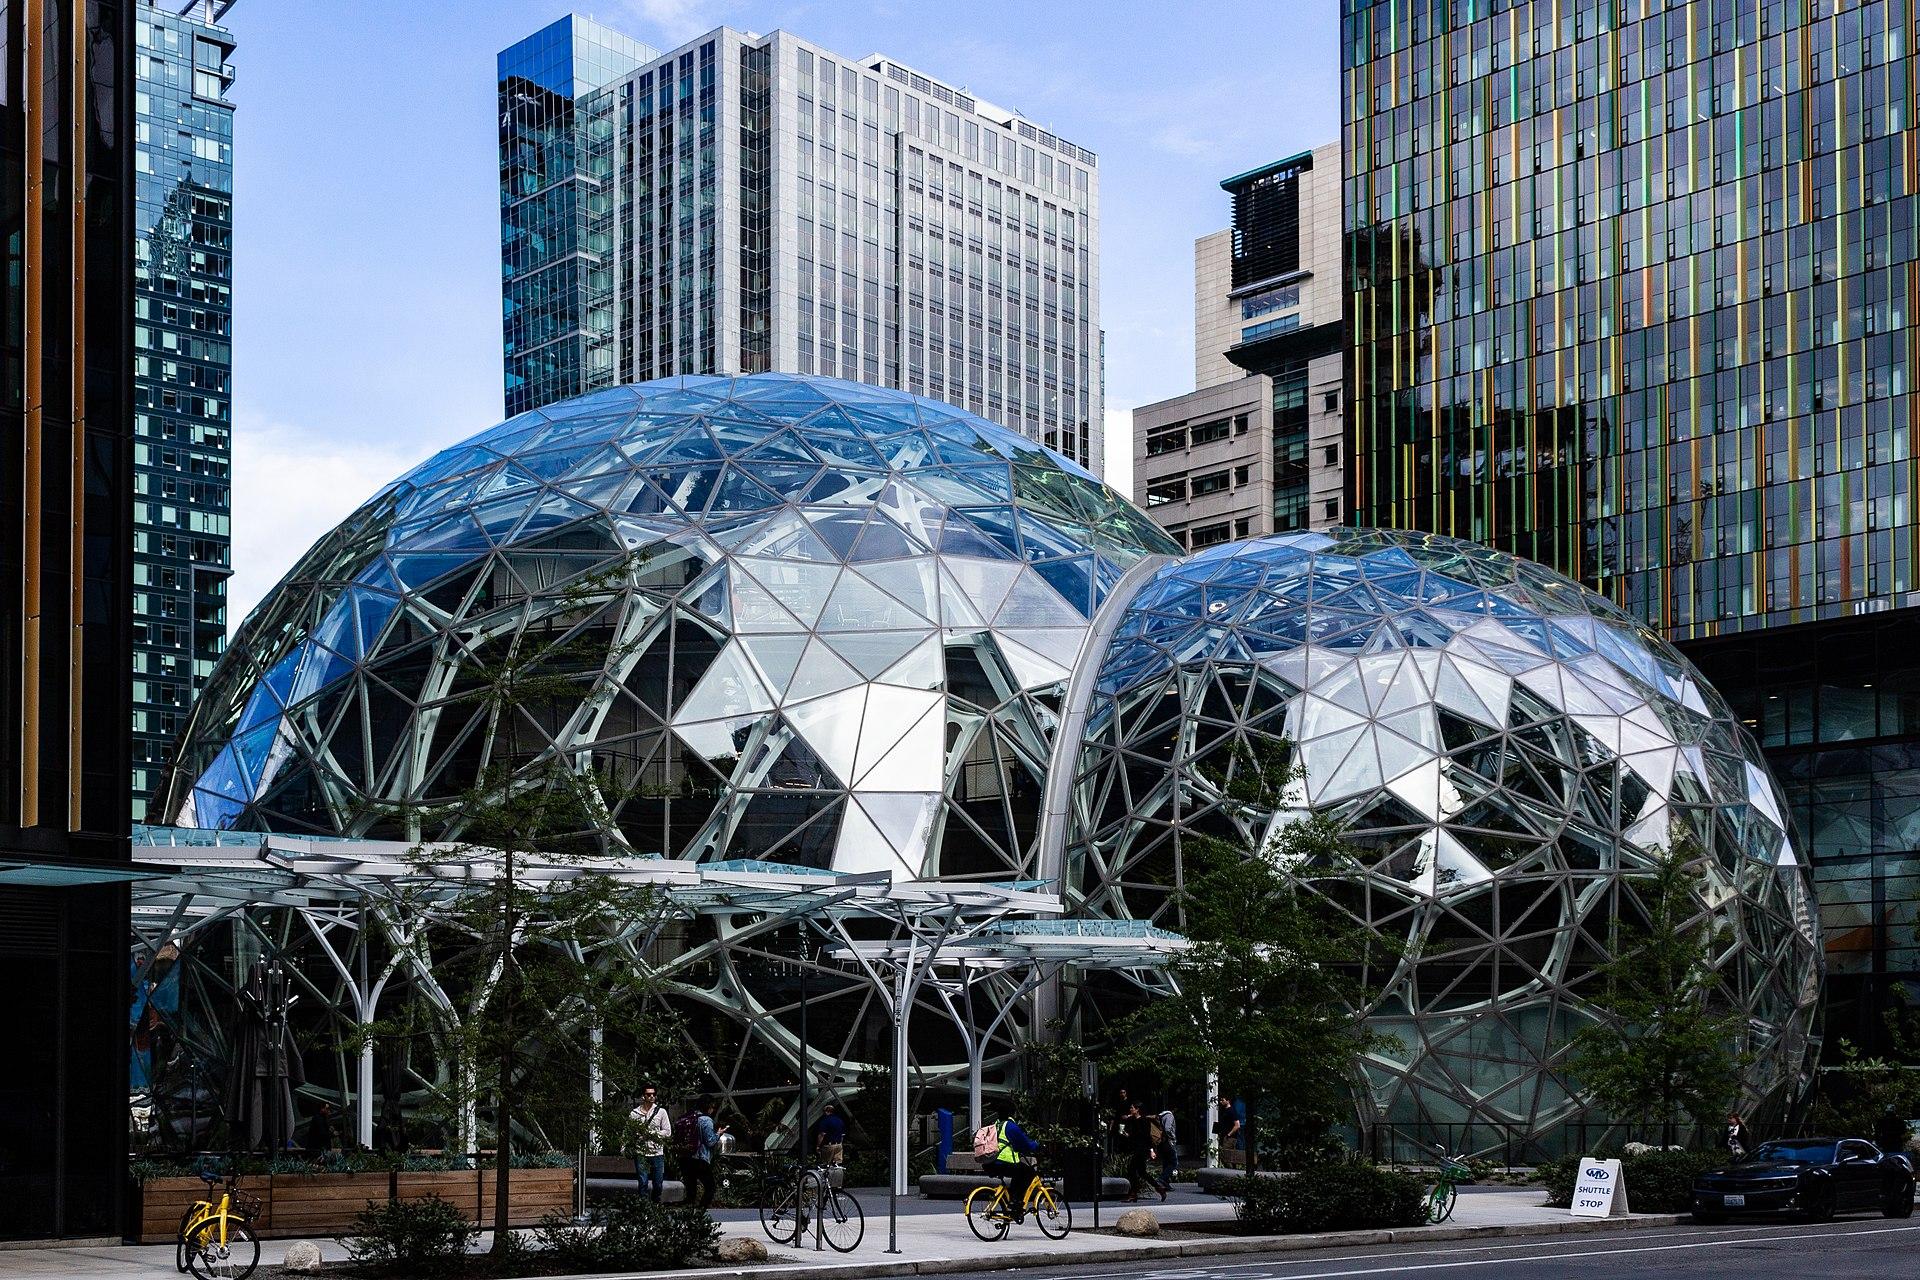 1920px-Seattle_Spheres_on_May_10,_2018.jpg